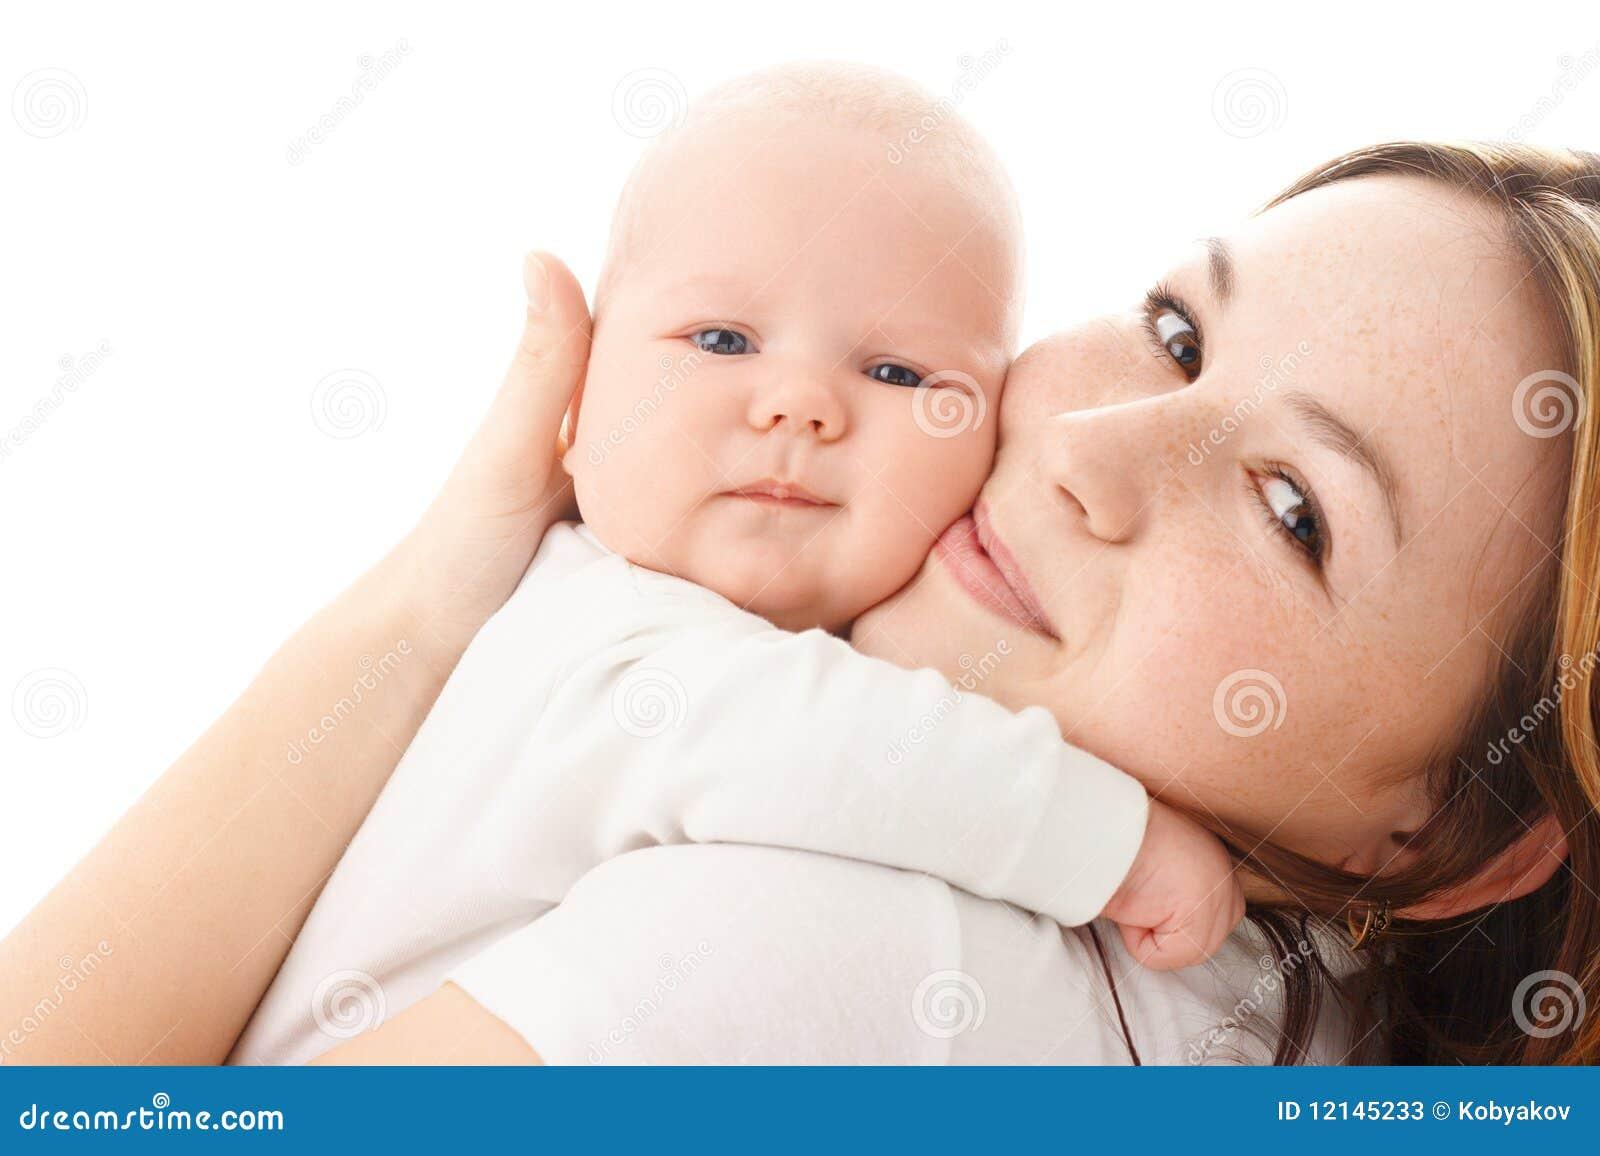 Abraço pequeno bonito do bebê sua matriz